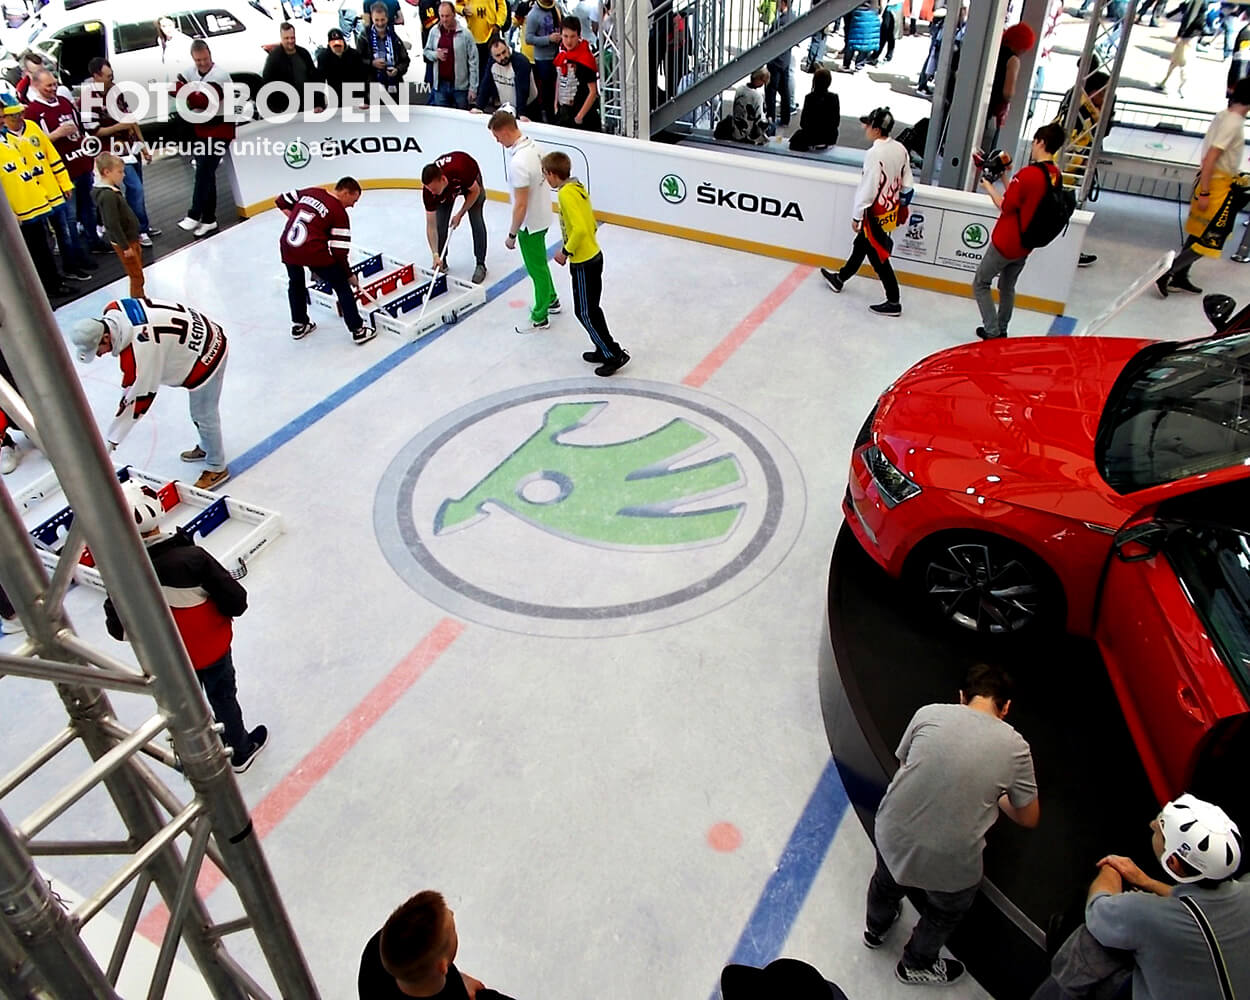 FOTOBODEN™ Wieder Teil Der Eishockey-WM